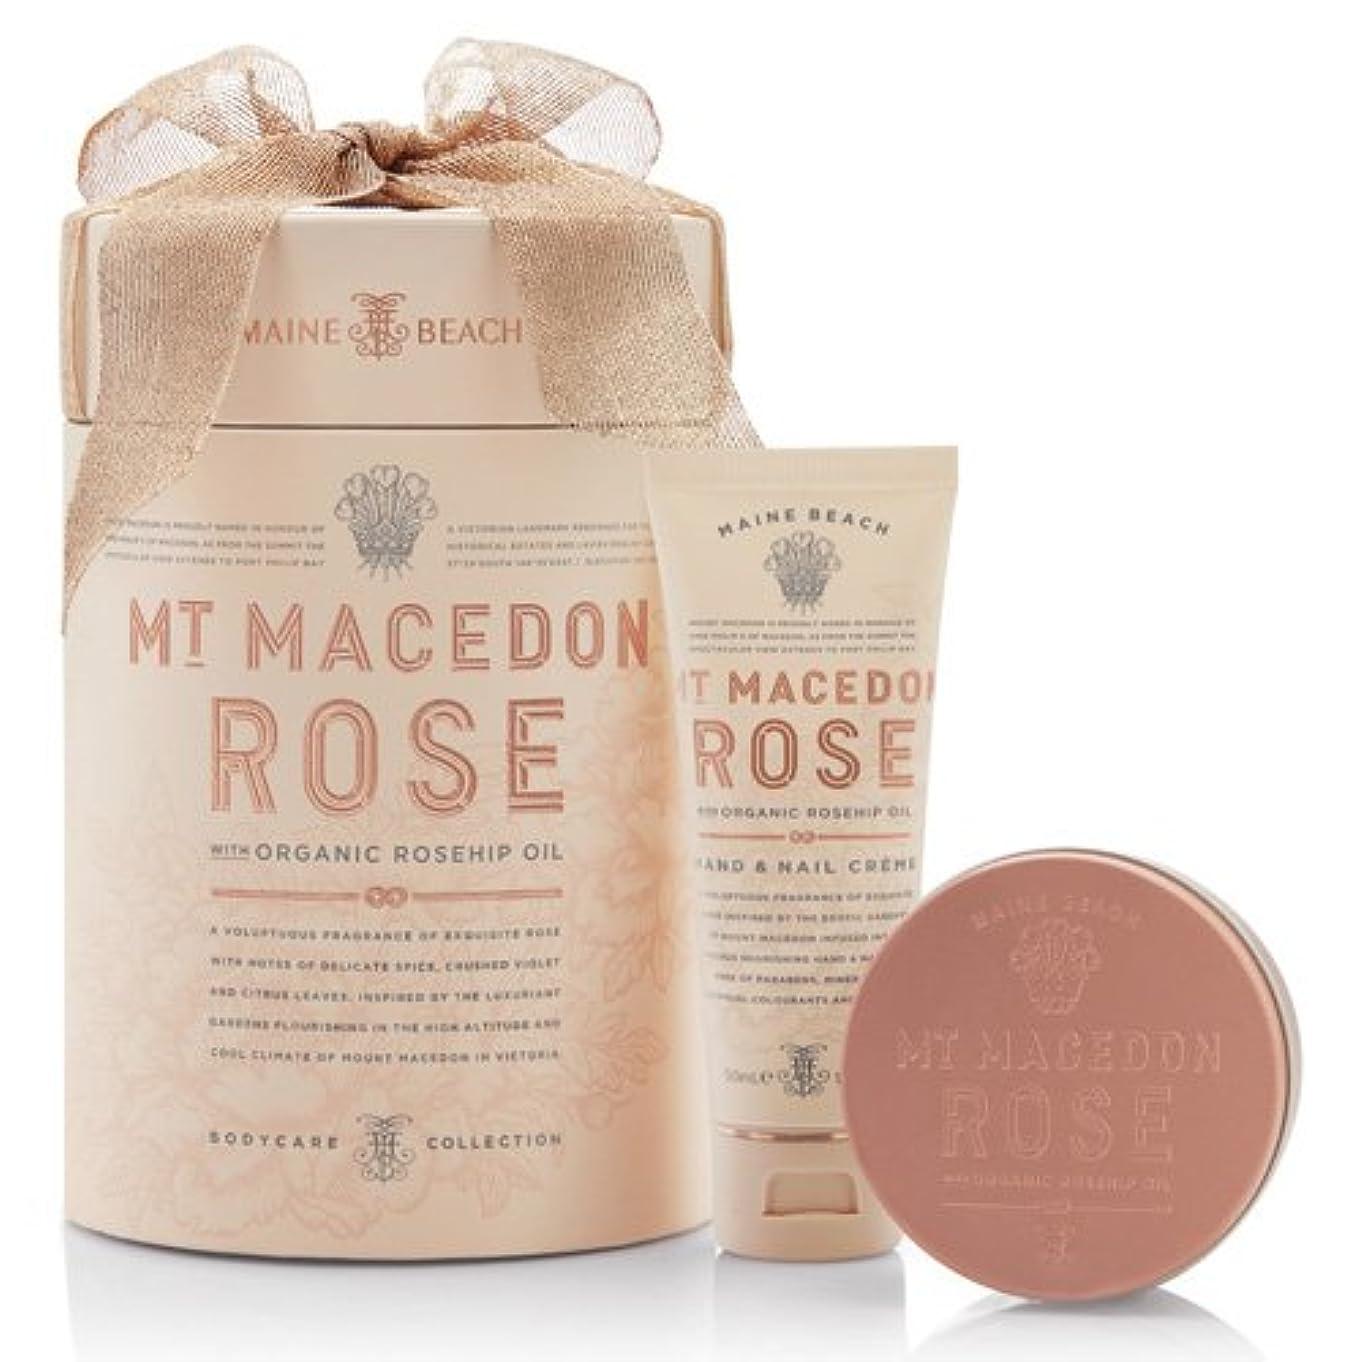 くぼみ想像するタイトルMAINE BEACH マインビーチ MT MACEDON ROSE マウント マセドン ローズ Duo Gift Pack